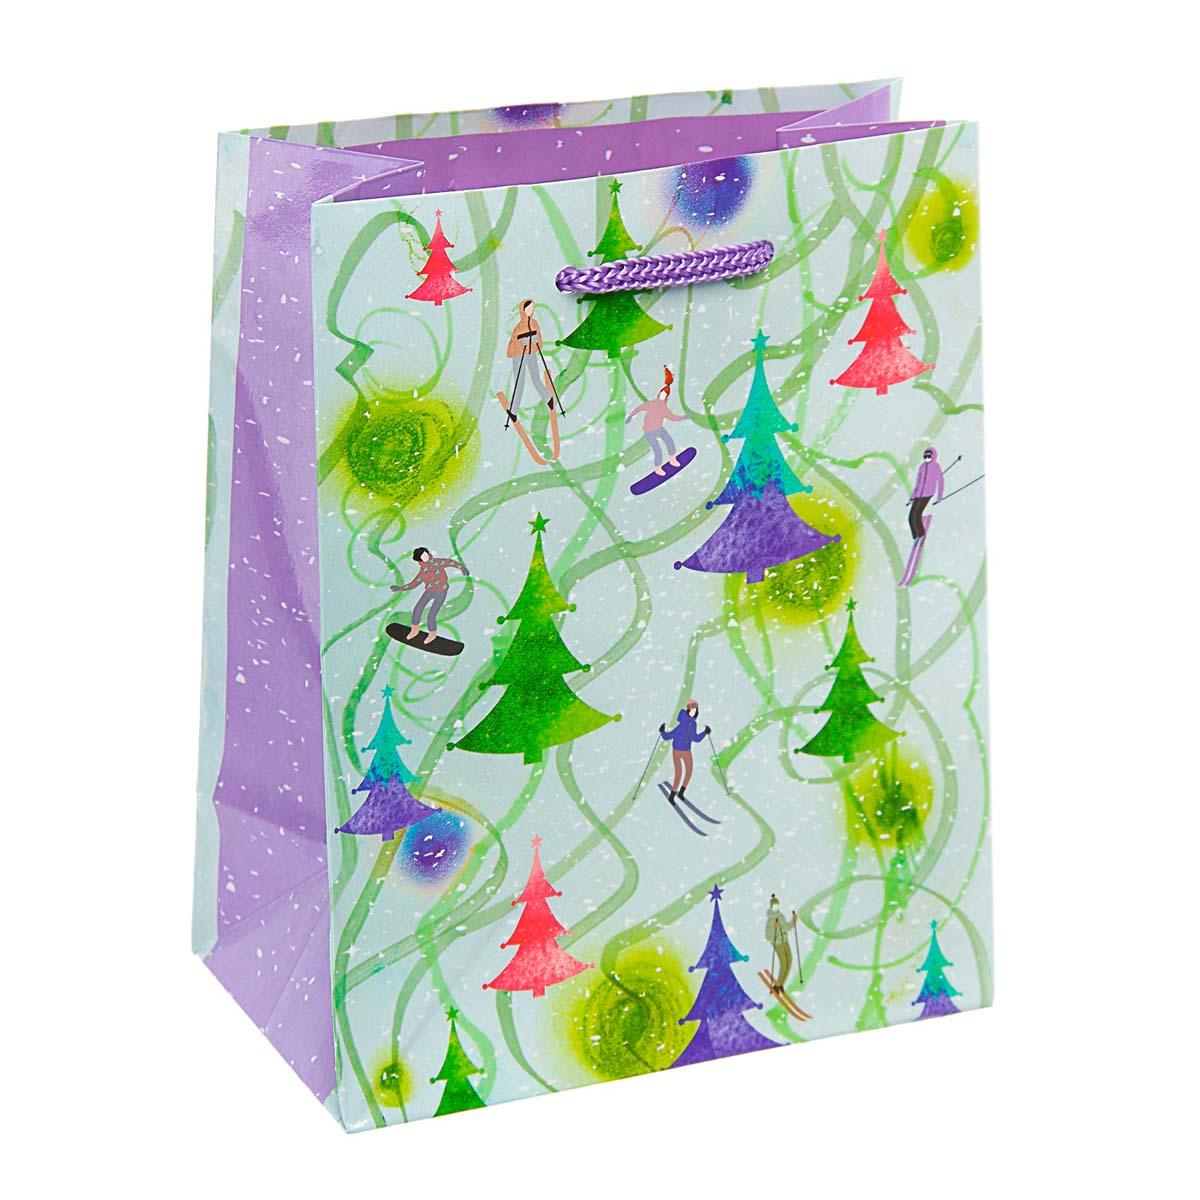 3822047 Пакет подарочный 'Снежные забавы', 11,5*14,5*6,5 см